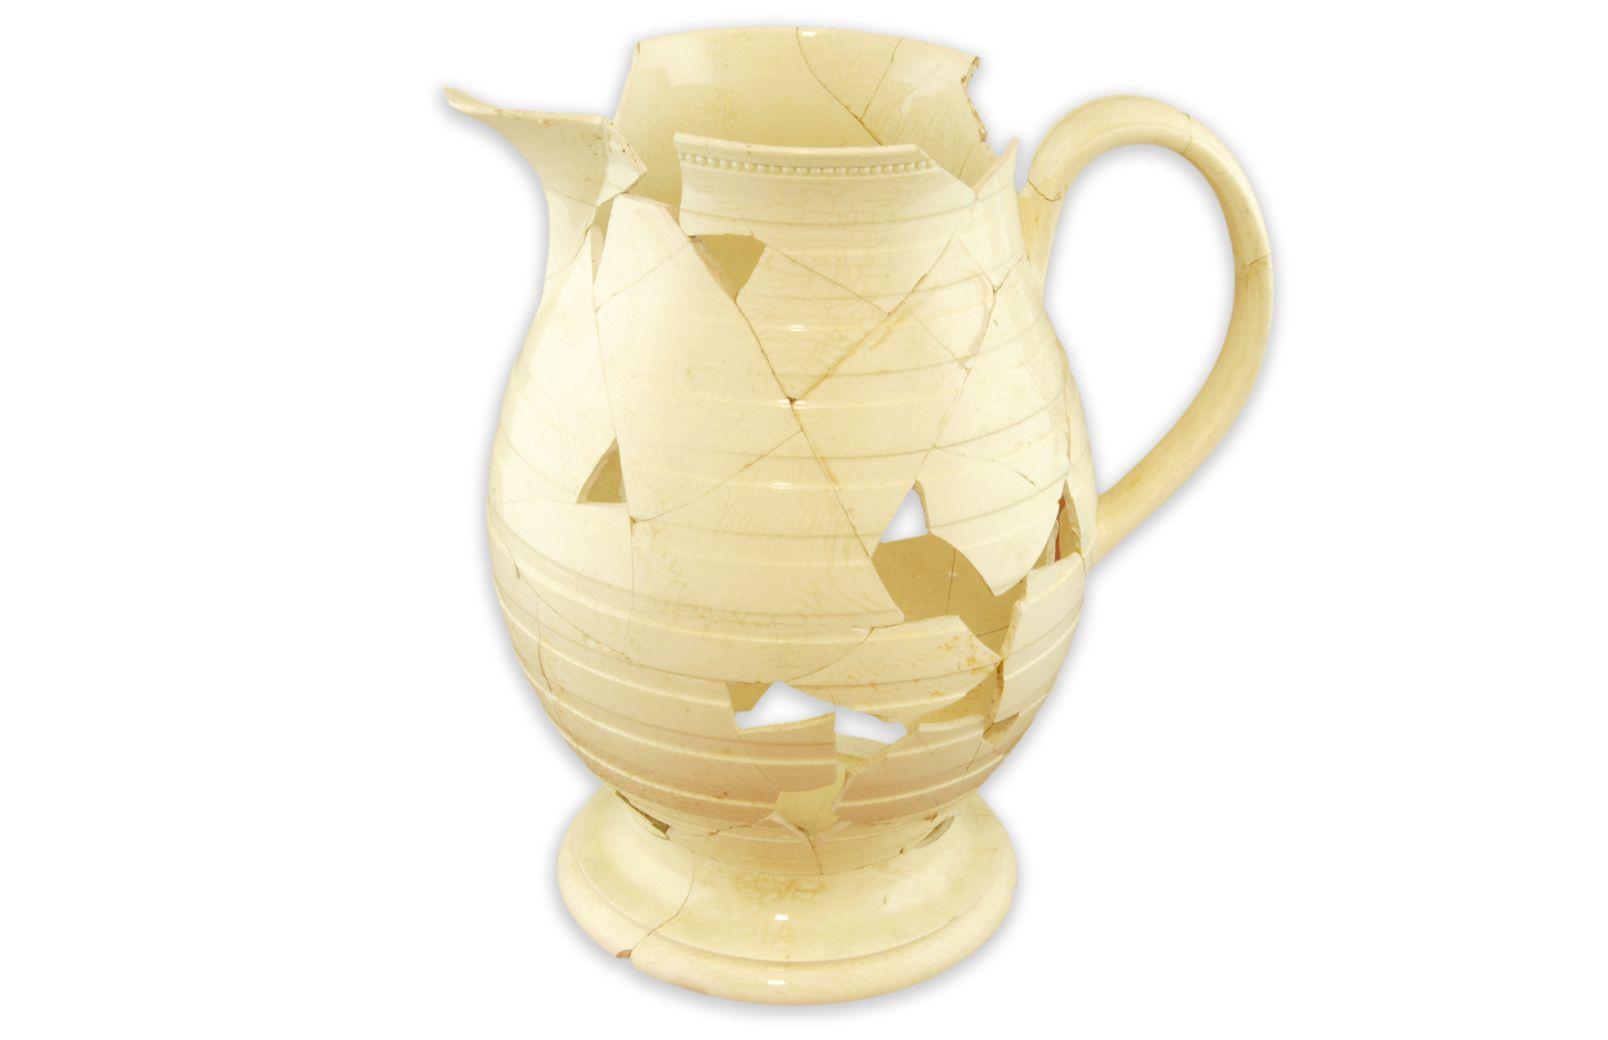 PichetMCC/LRAQ, photo : Catherine CaronLatrines de la maison Boisseau. Vers 1761-1810Terre cuite fine de type creamware, Angleterre. Le rebord évasé est cerclé d'un anneau de perles et sa panse piriforme est décorée de bandes tournassées.